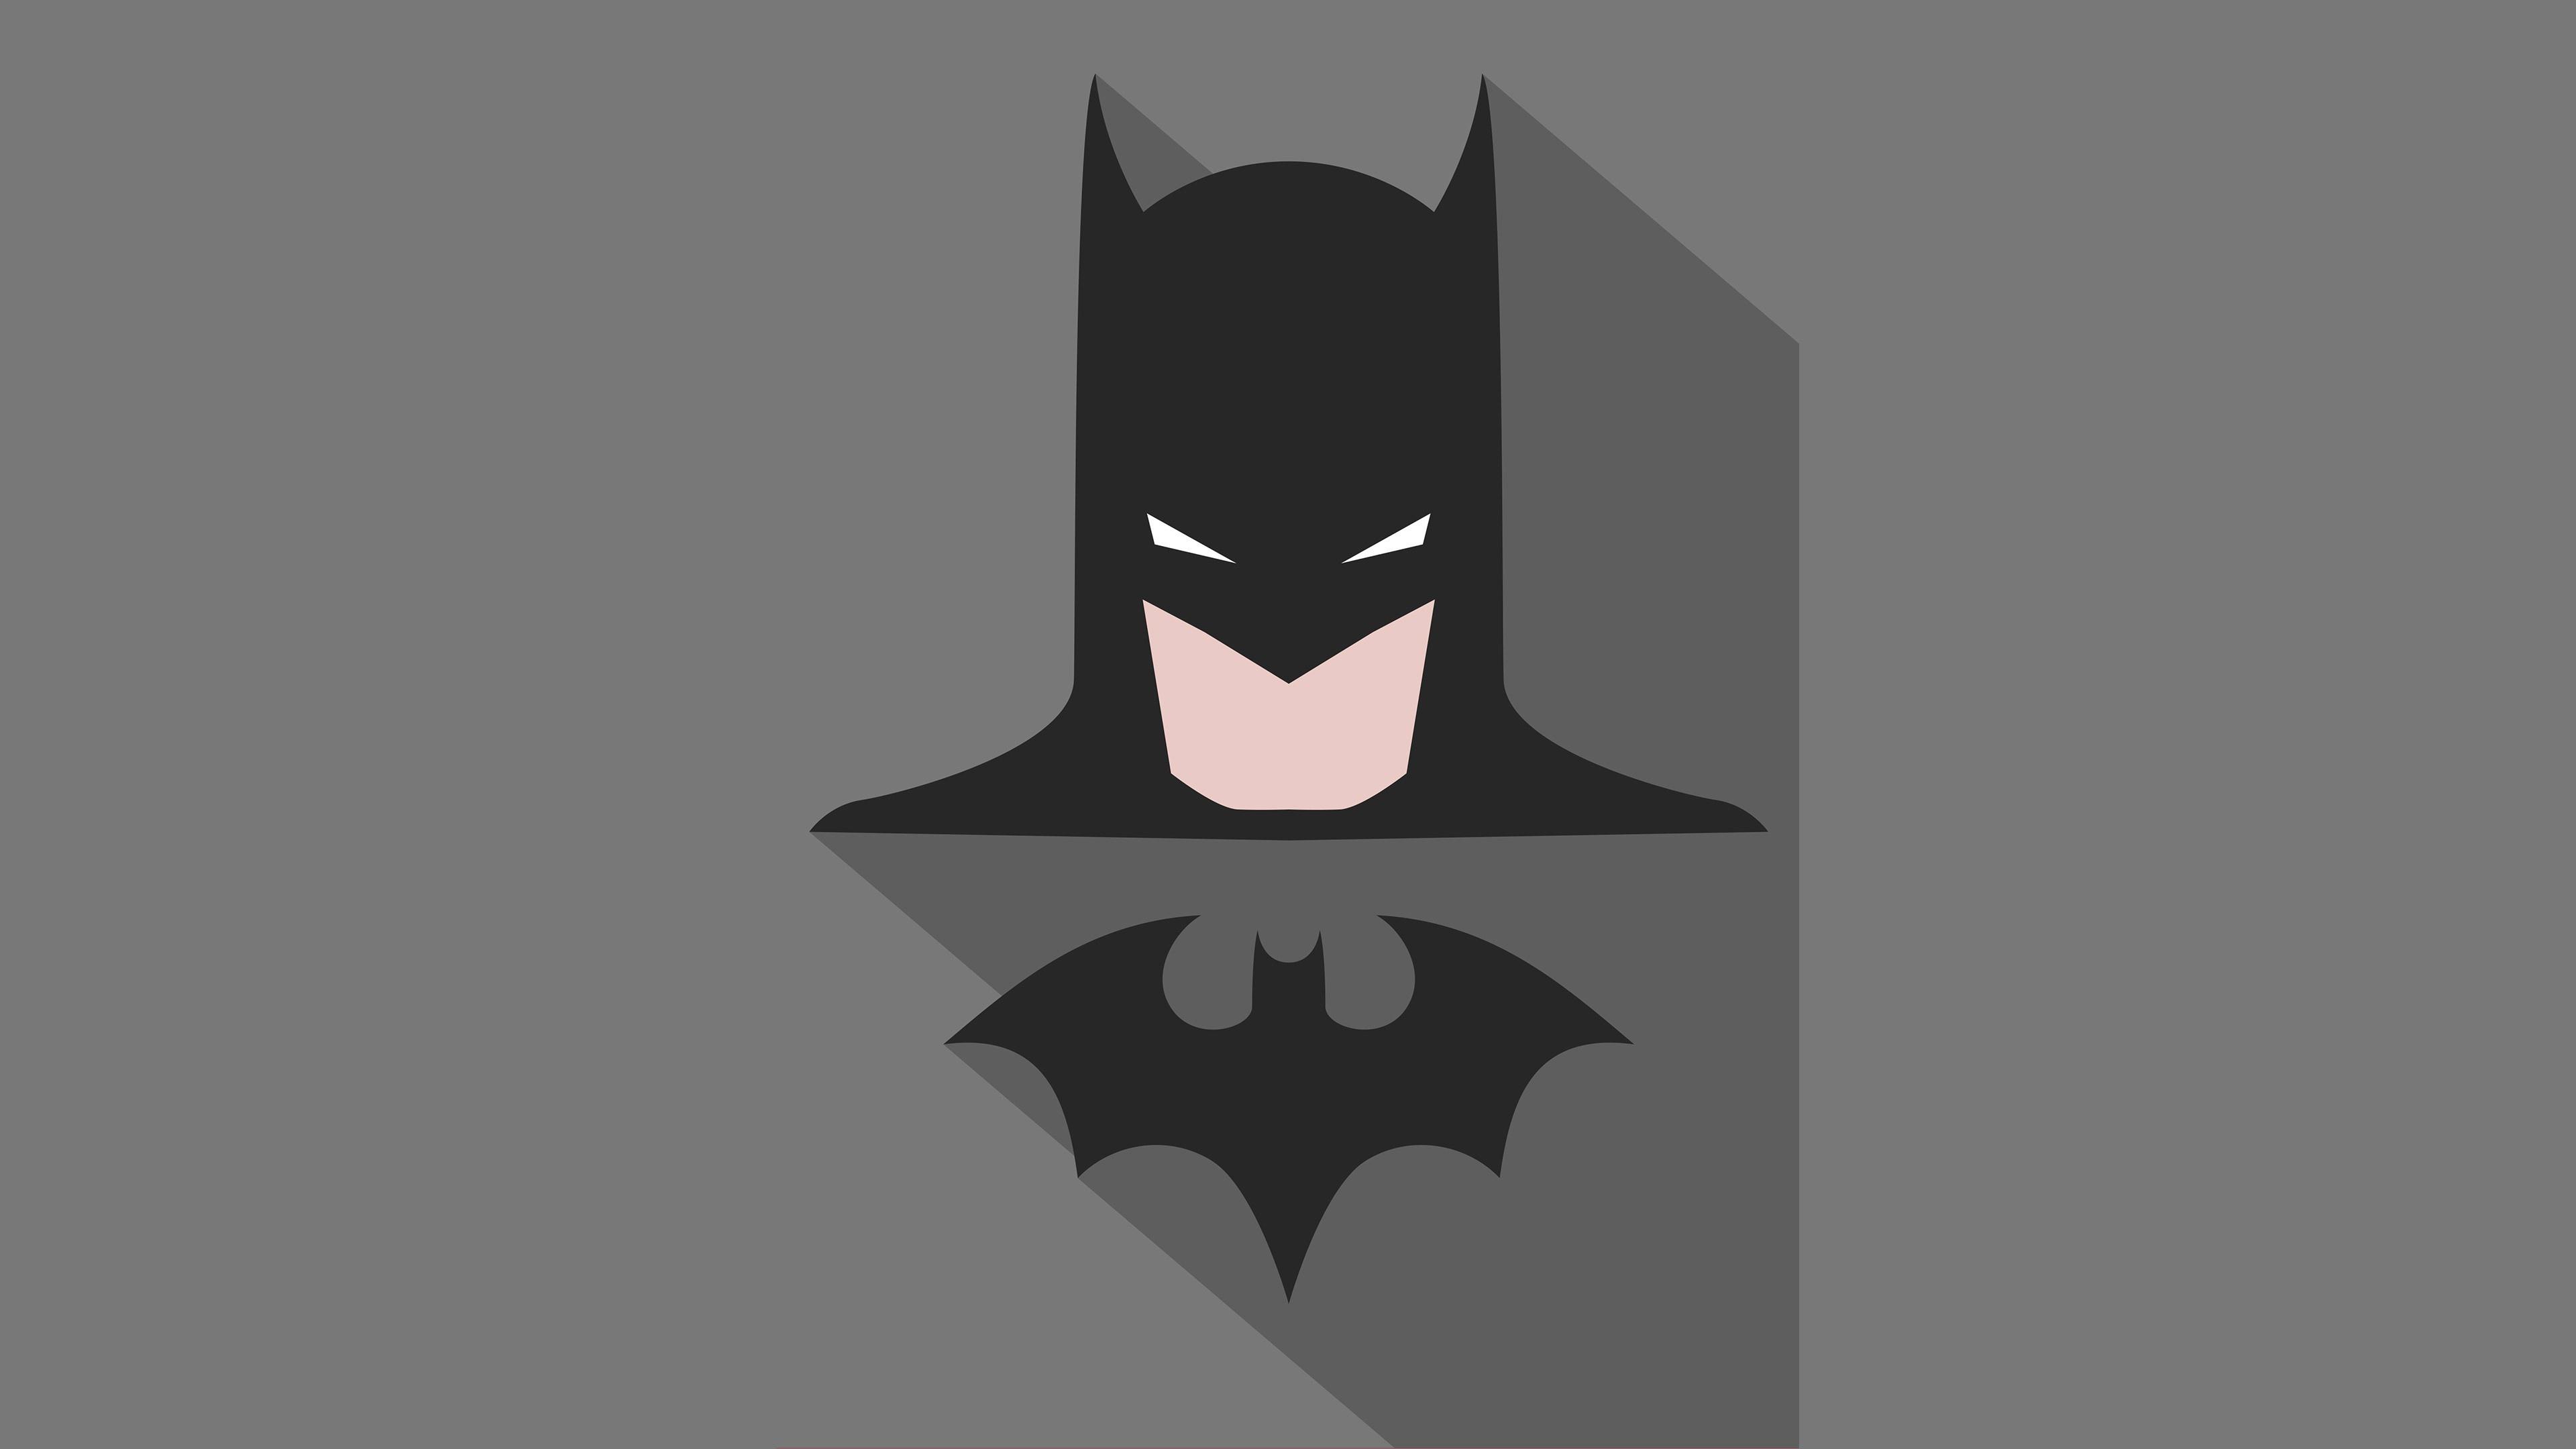 batman wallpaper 124 - [3840x2160]